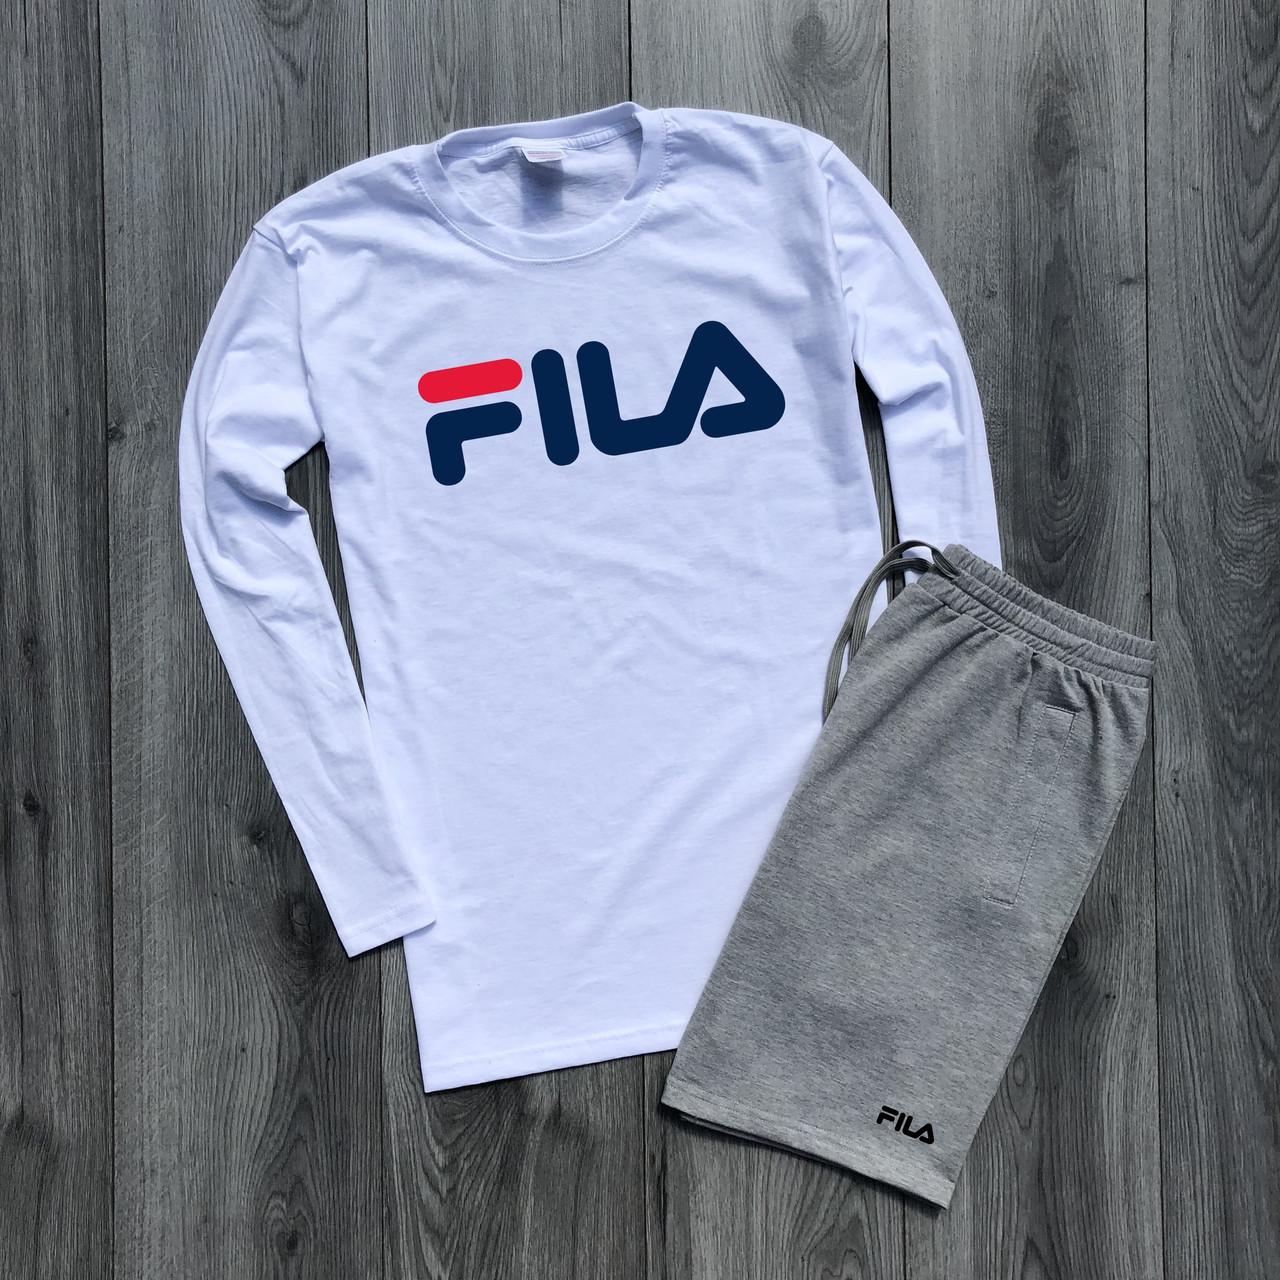 e0b16f04 Футболка с длинным рукавом + Шорты ! Спортивный костюм мужской летний в  стиле FILA - Интернет